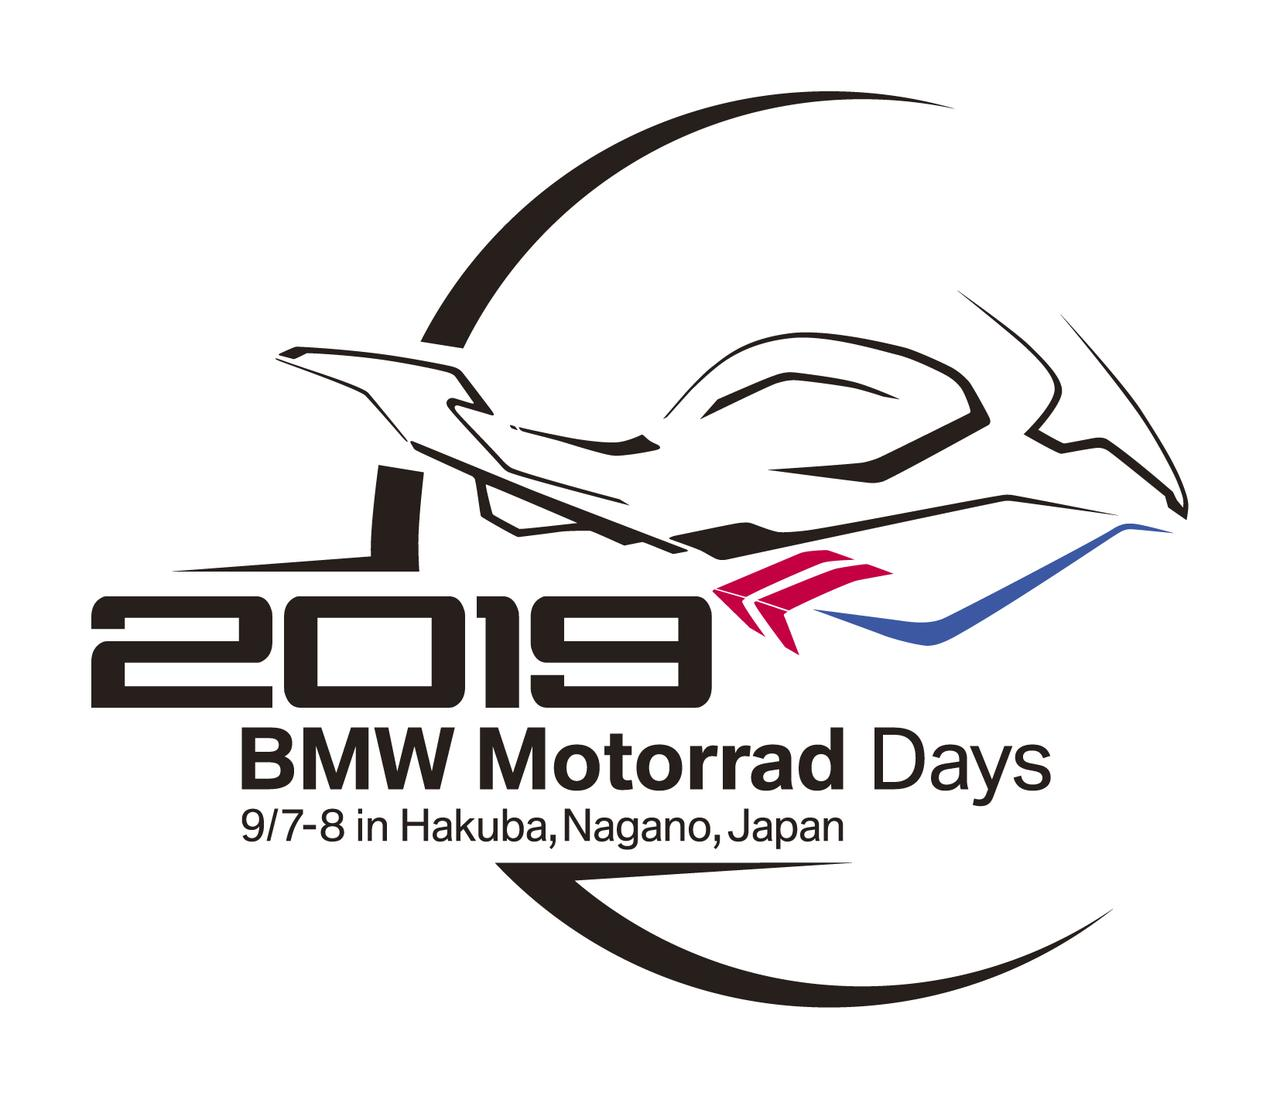 「BMW MOTORRAD DAYS JAPAN 2019」はいつもの長野県白馬村で9月7日~8日に開催!!